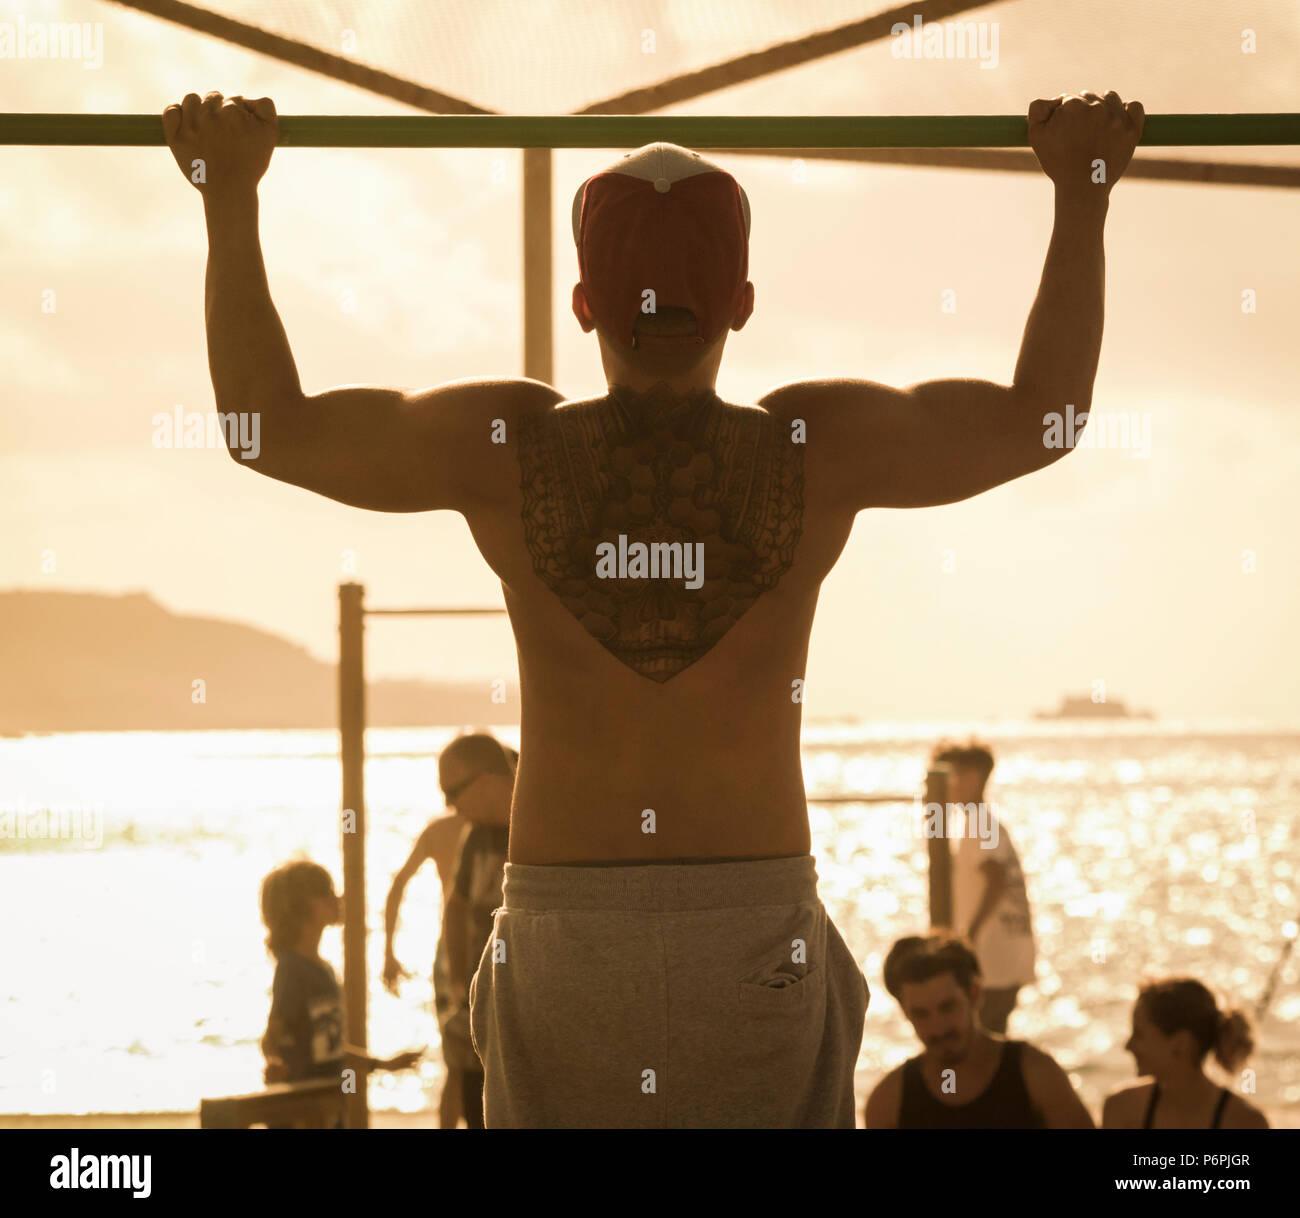 Ansicht der Rückseite des muskulösen Mann mit Zurück tattoo Zug tut ups/Chin ups am Strand in Spanien Stockbild